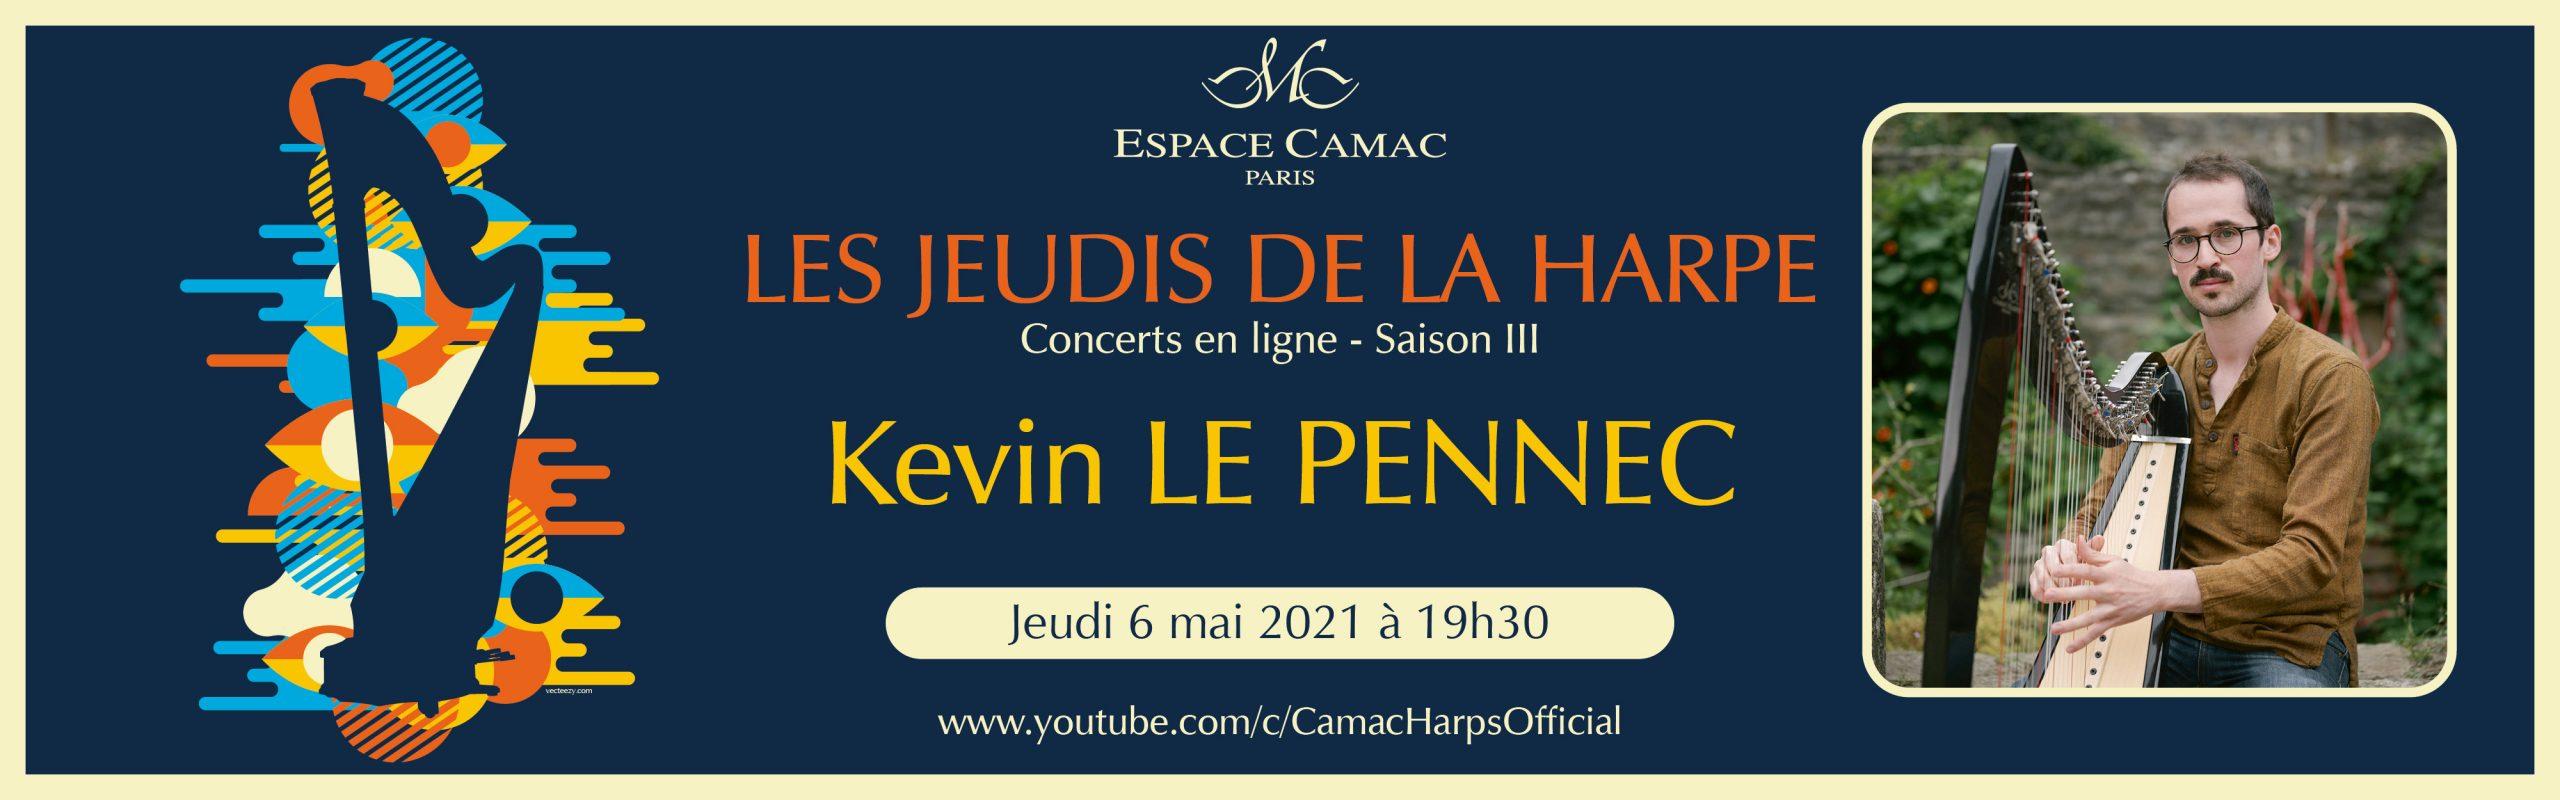 Les Jeudis de la Harpe : Kevin Le Pennec